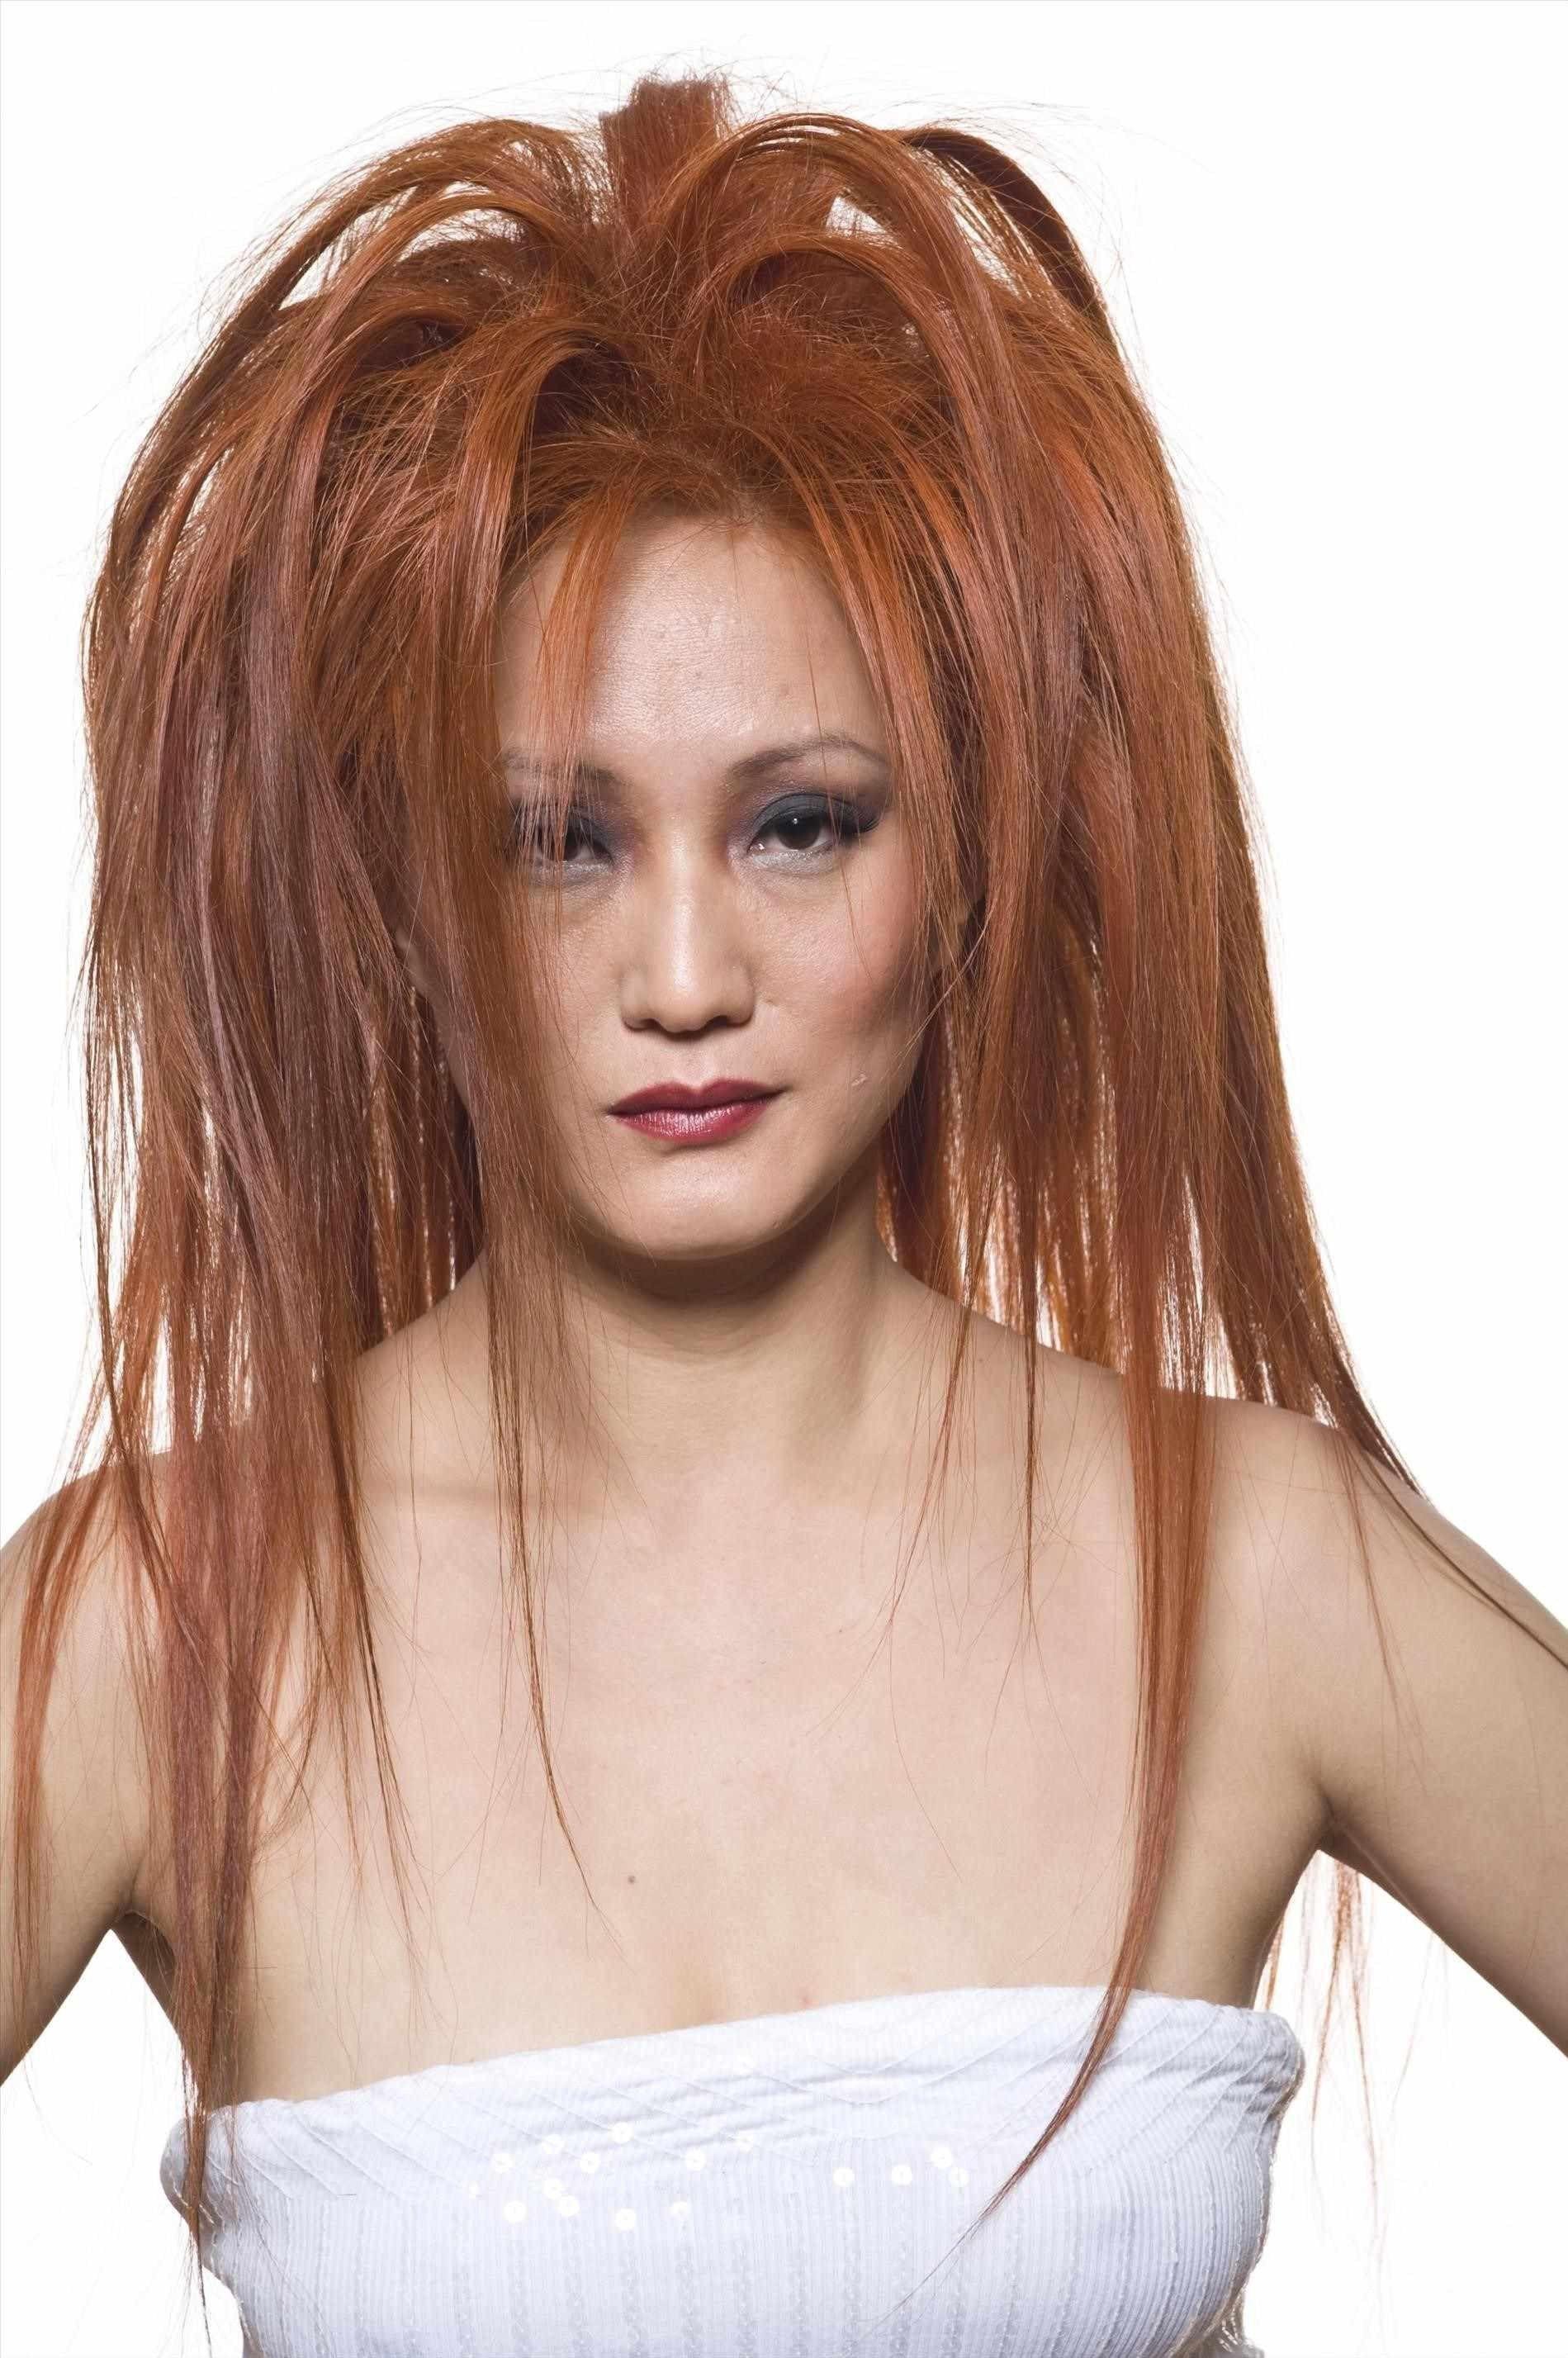 Schöne Frisuren Für Große Frauen Frauen Frisuren Für Große